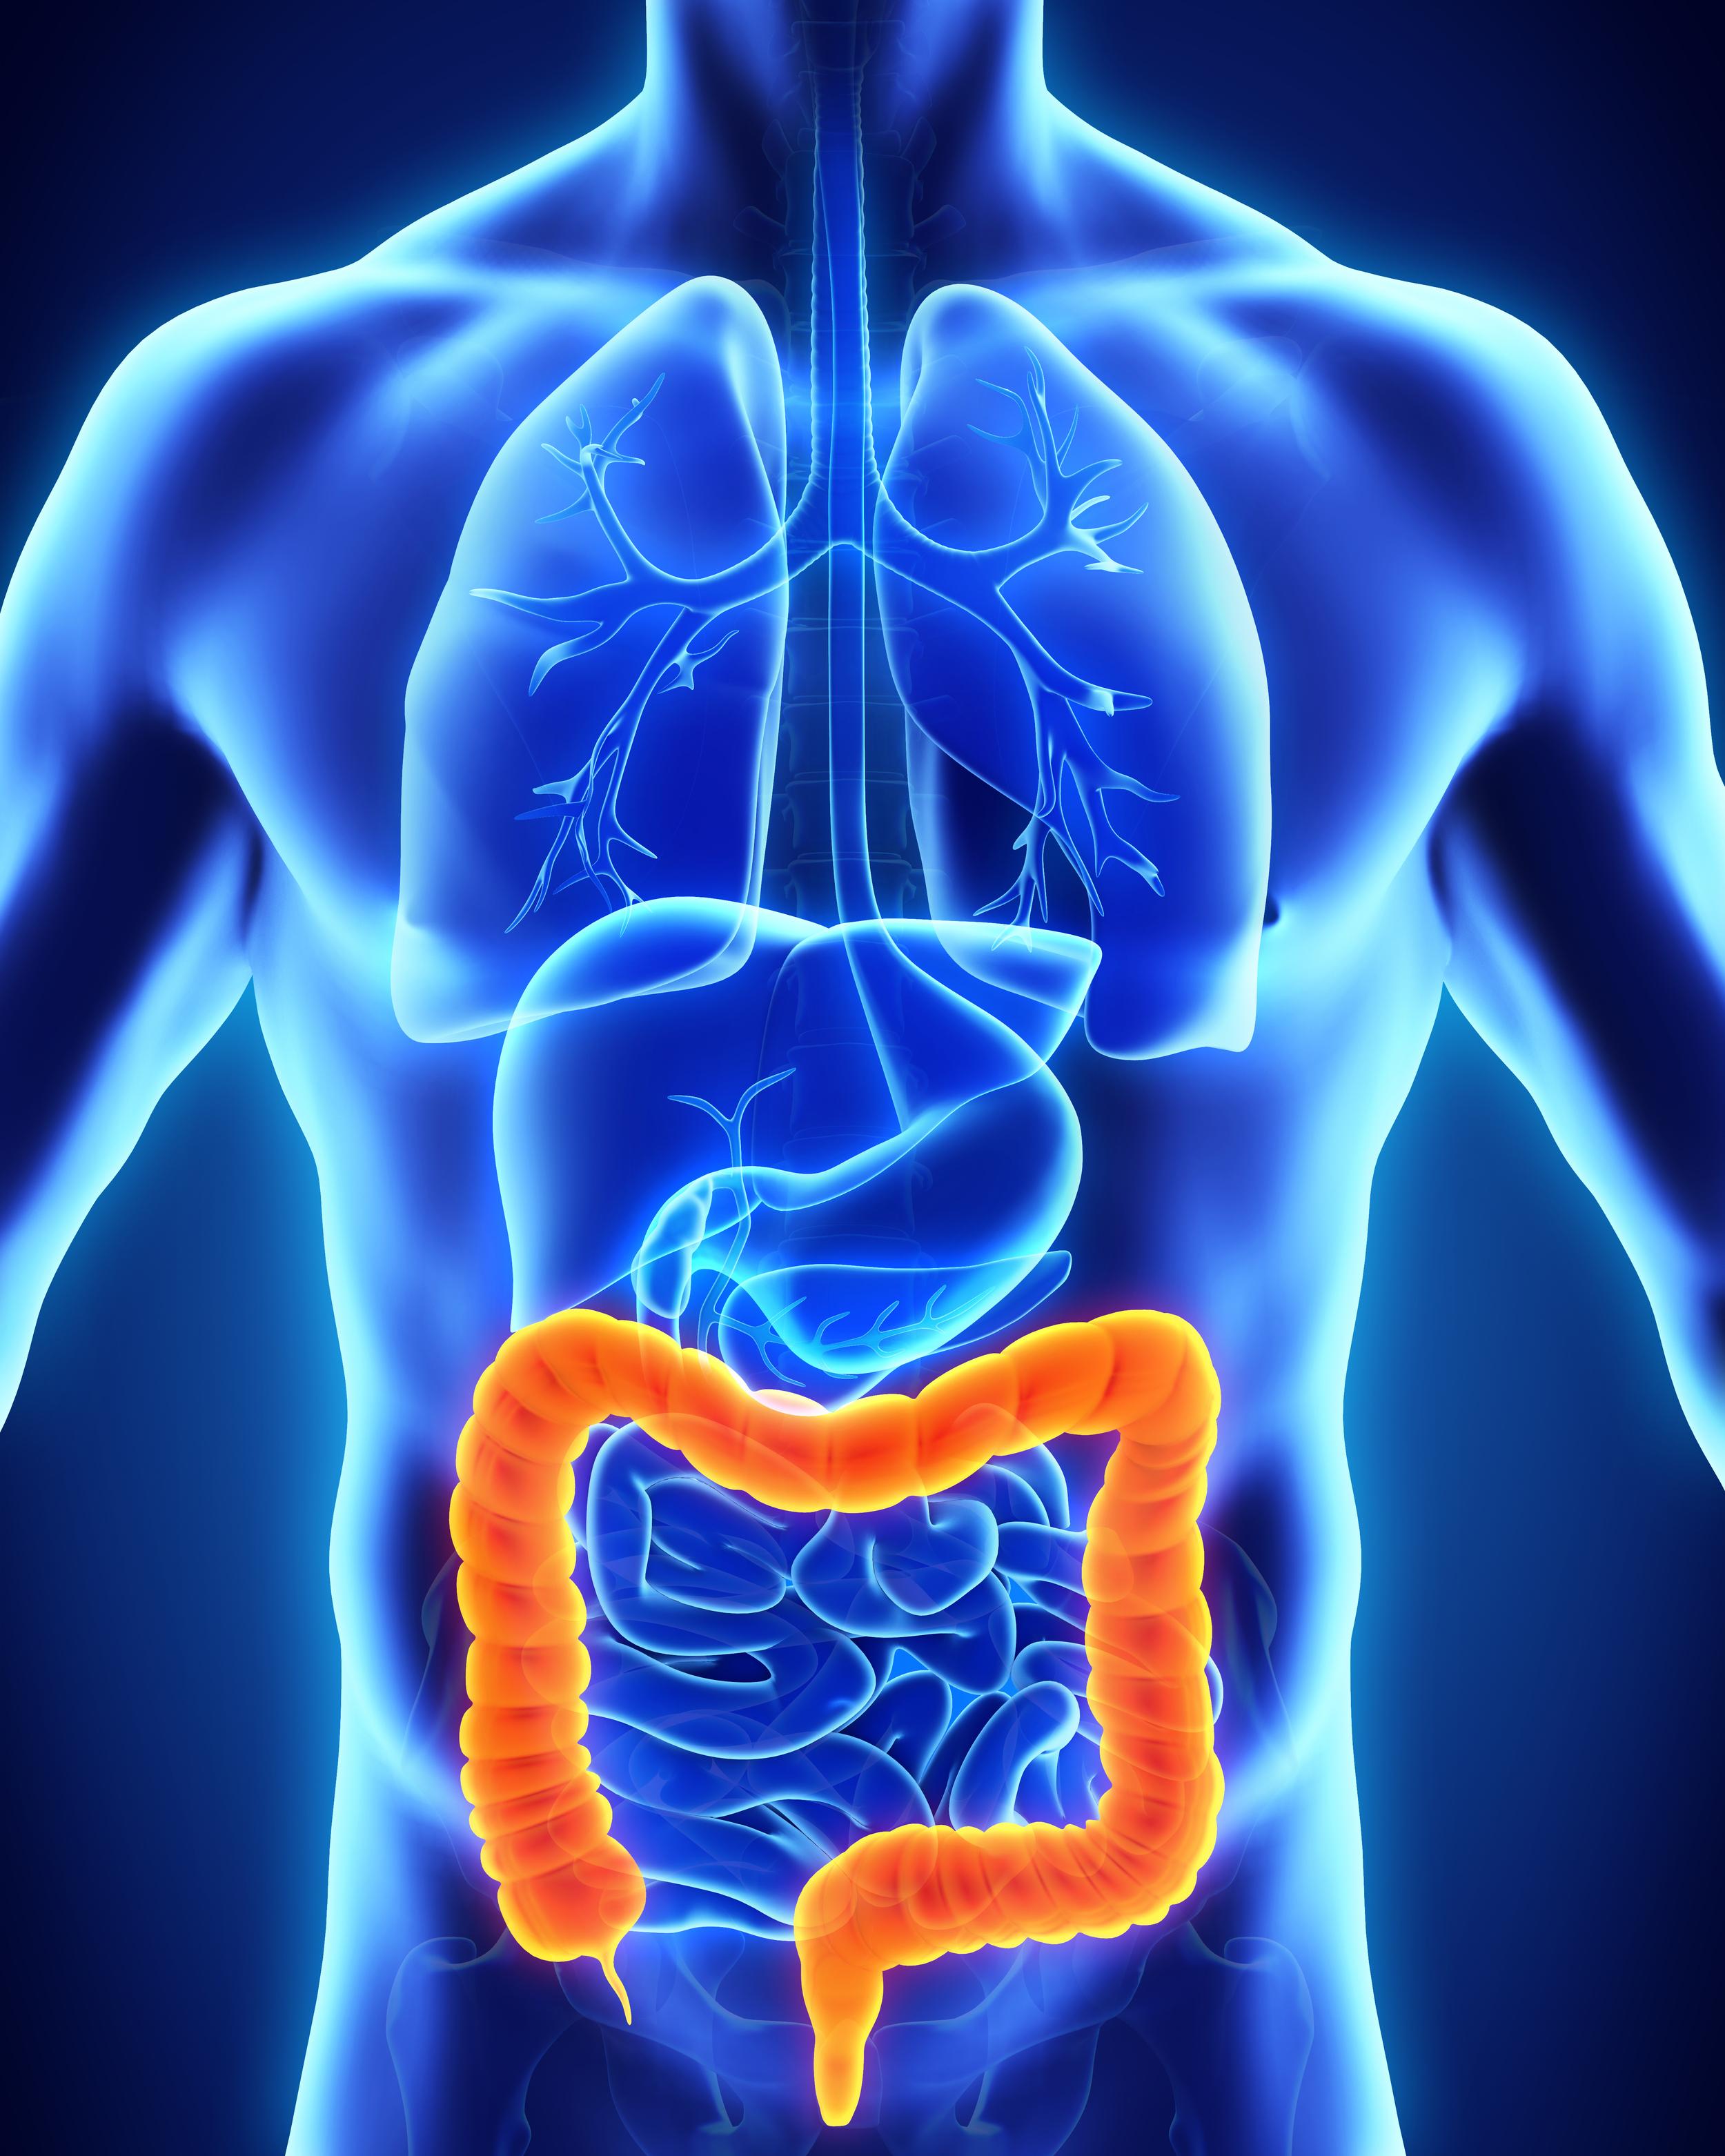 colonics-can-decrease-risk-of-colon-cancer